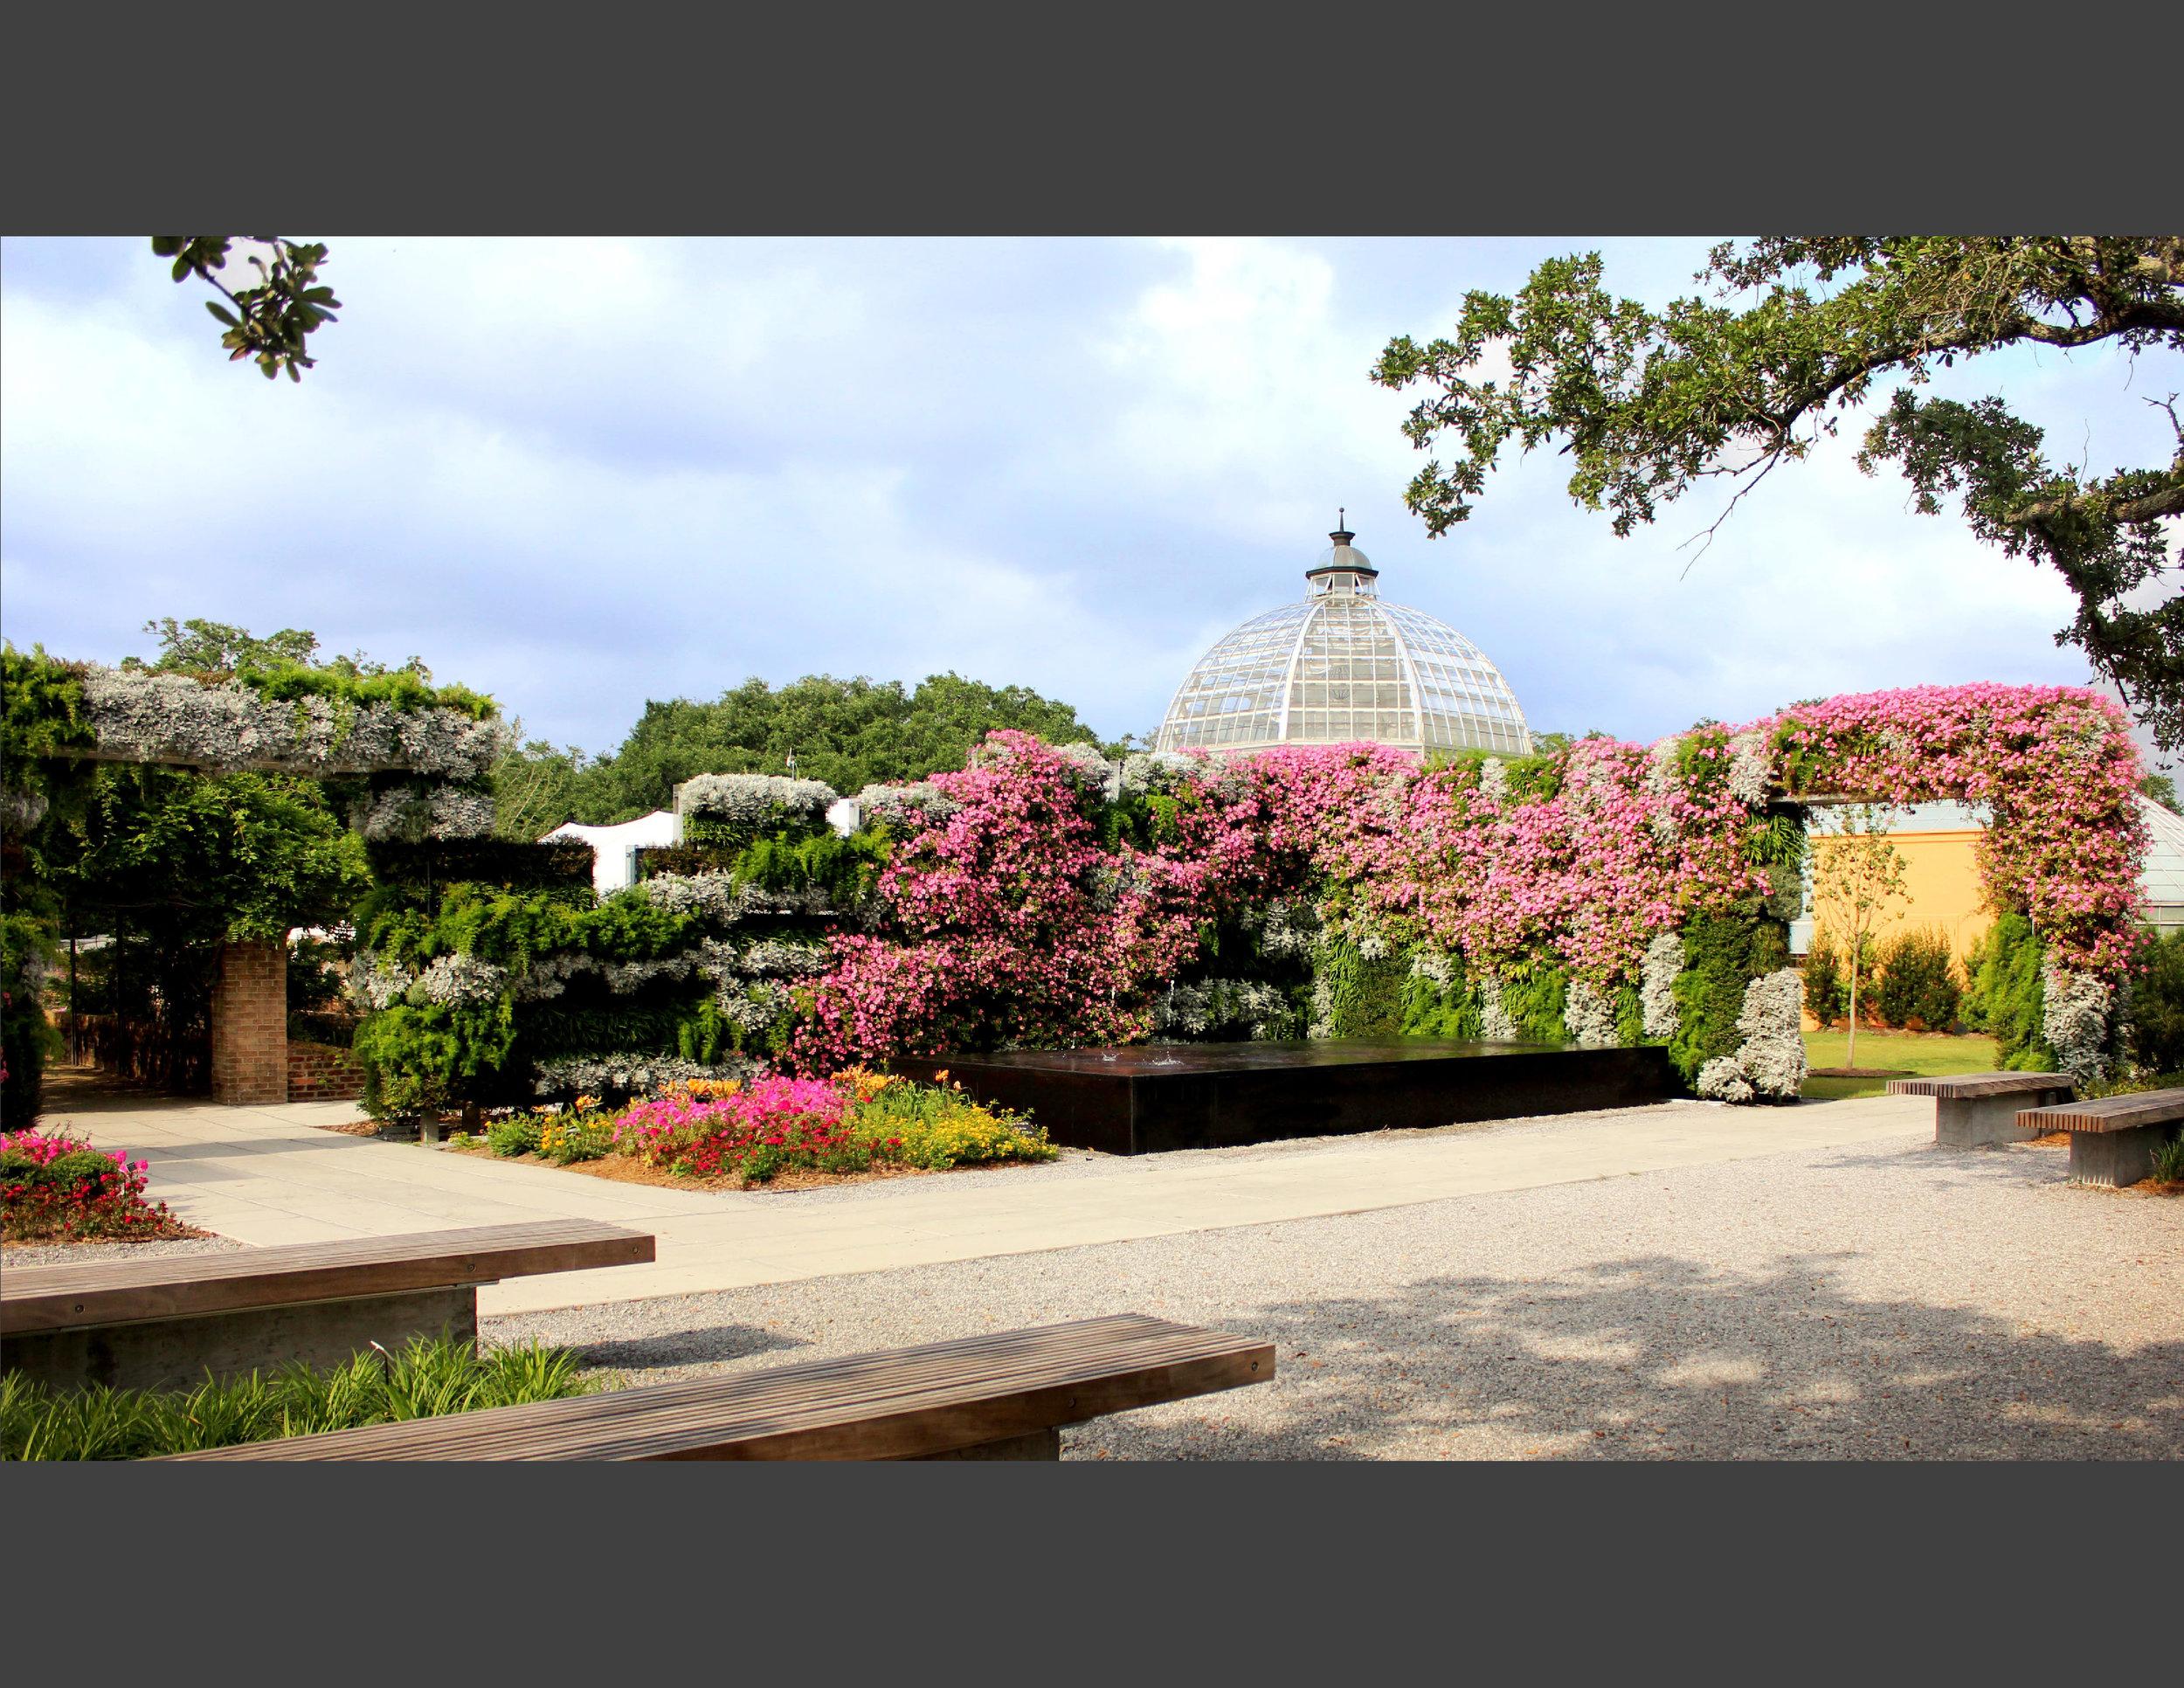 CARBO Landscape - New Orleans Botanical Garden_Page_06.jpg